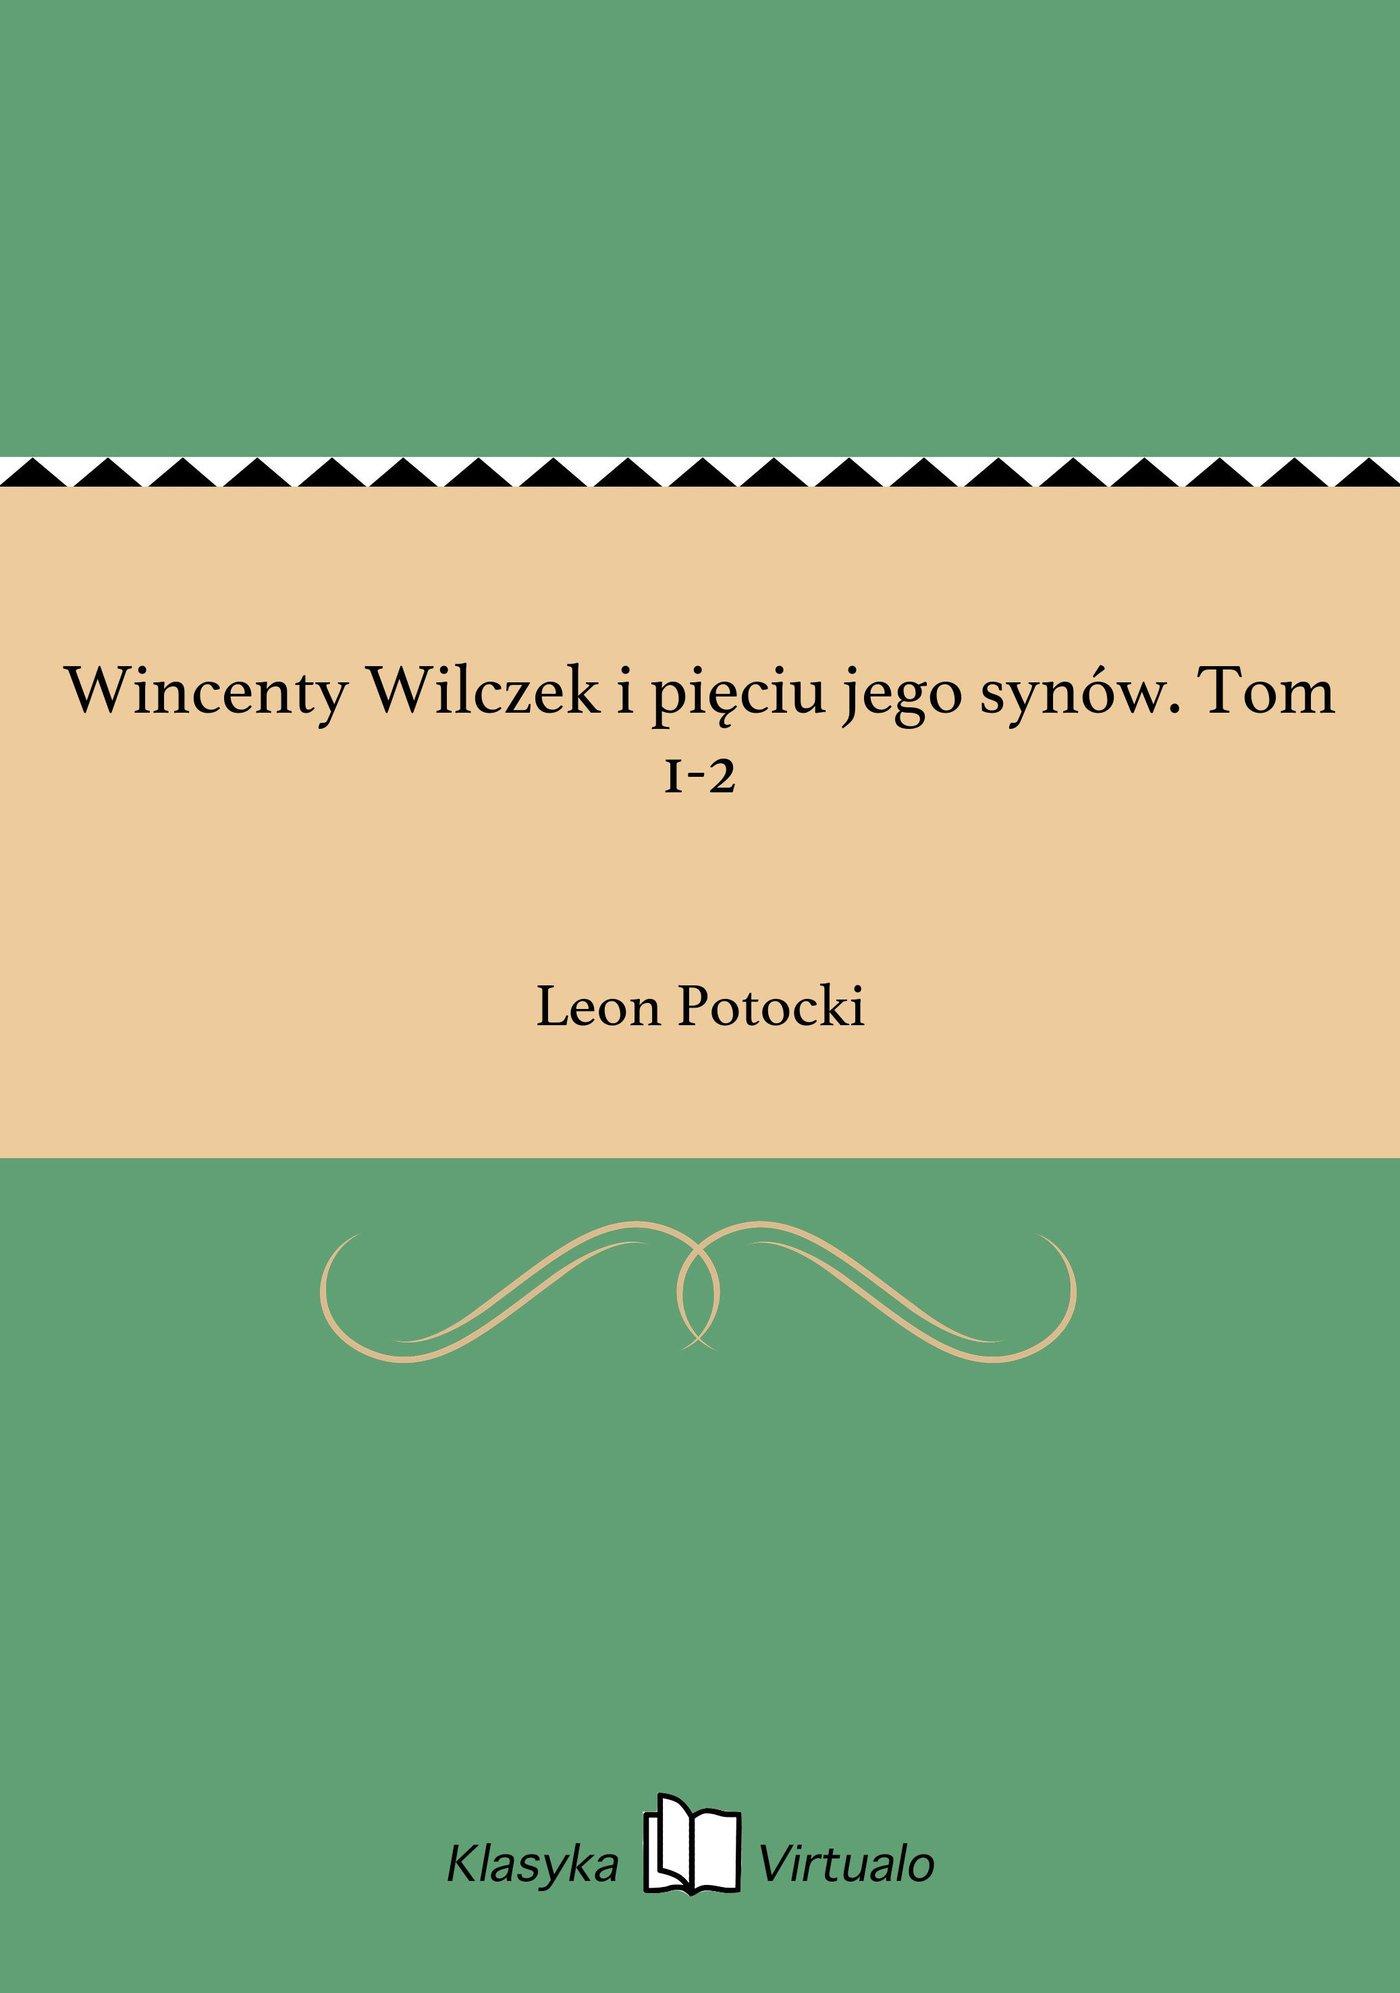 Wincenty Wilczek i pięciu jego synów. Tom 1-2 - Ebook (Książka EPUB) do pobrania w formacie EPUB